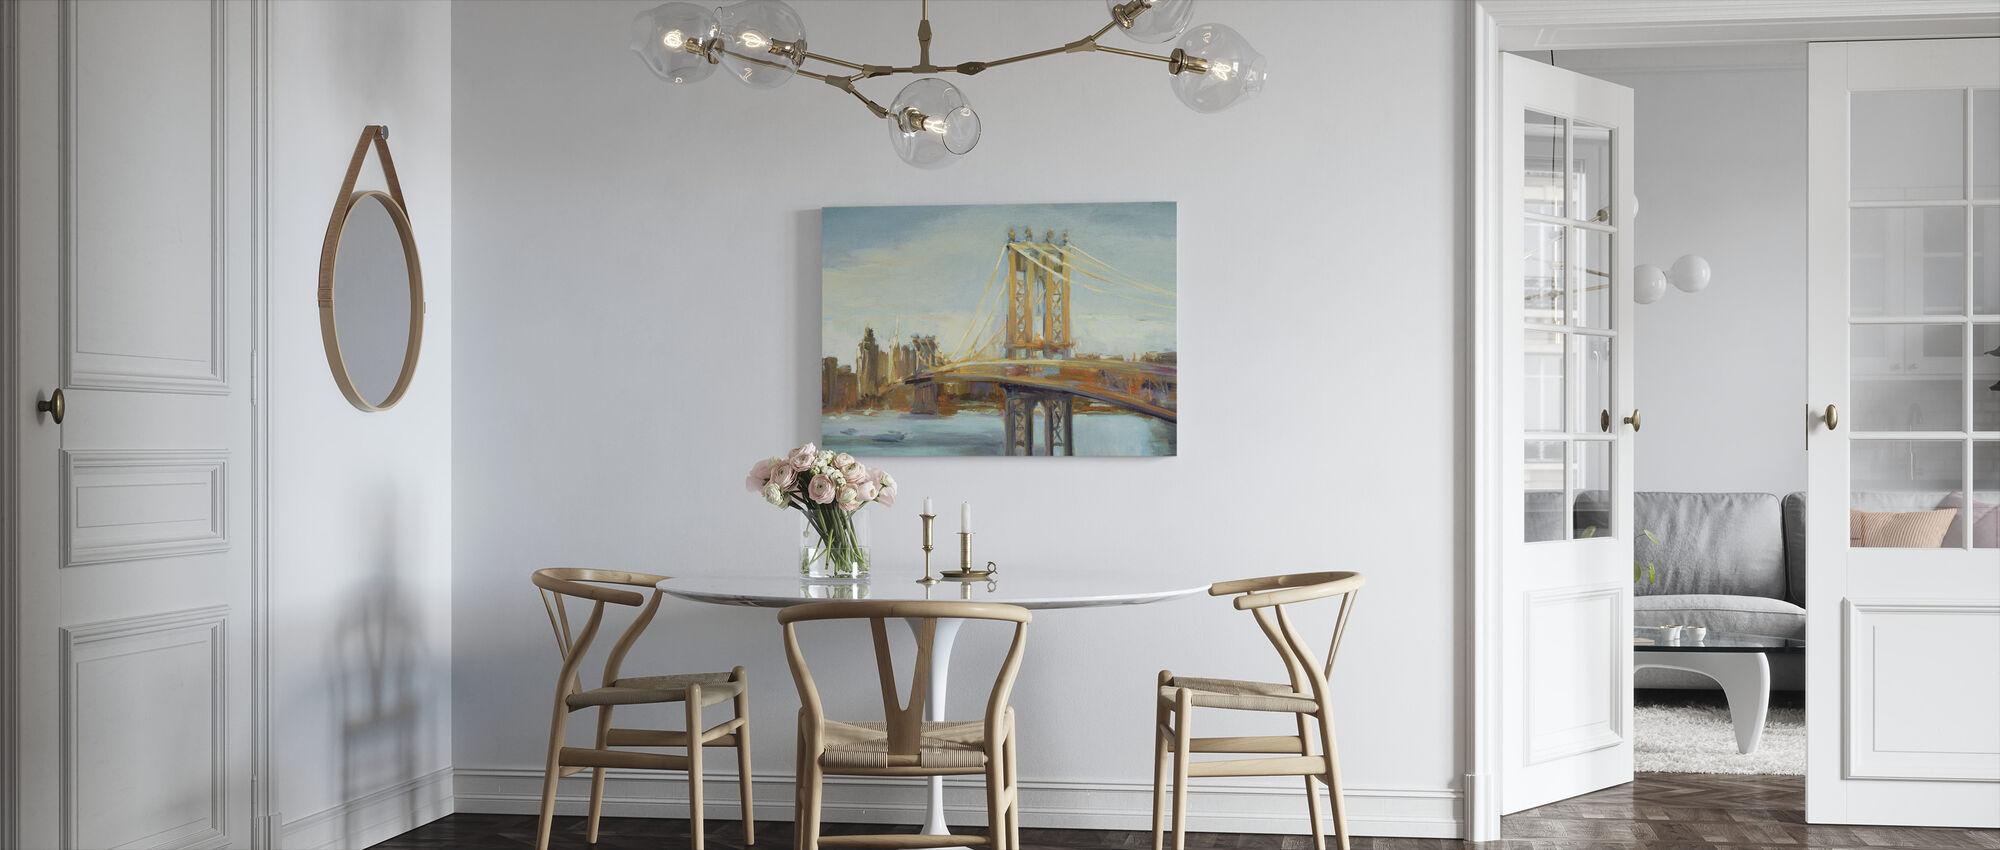 Sunny Manhattan Bridge - Billede på lærred - Køkken